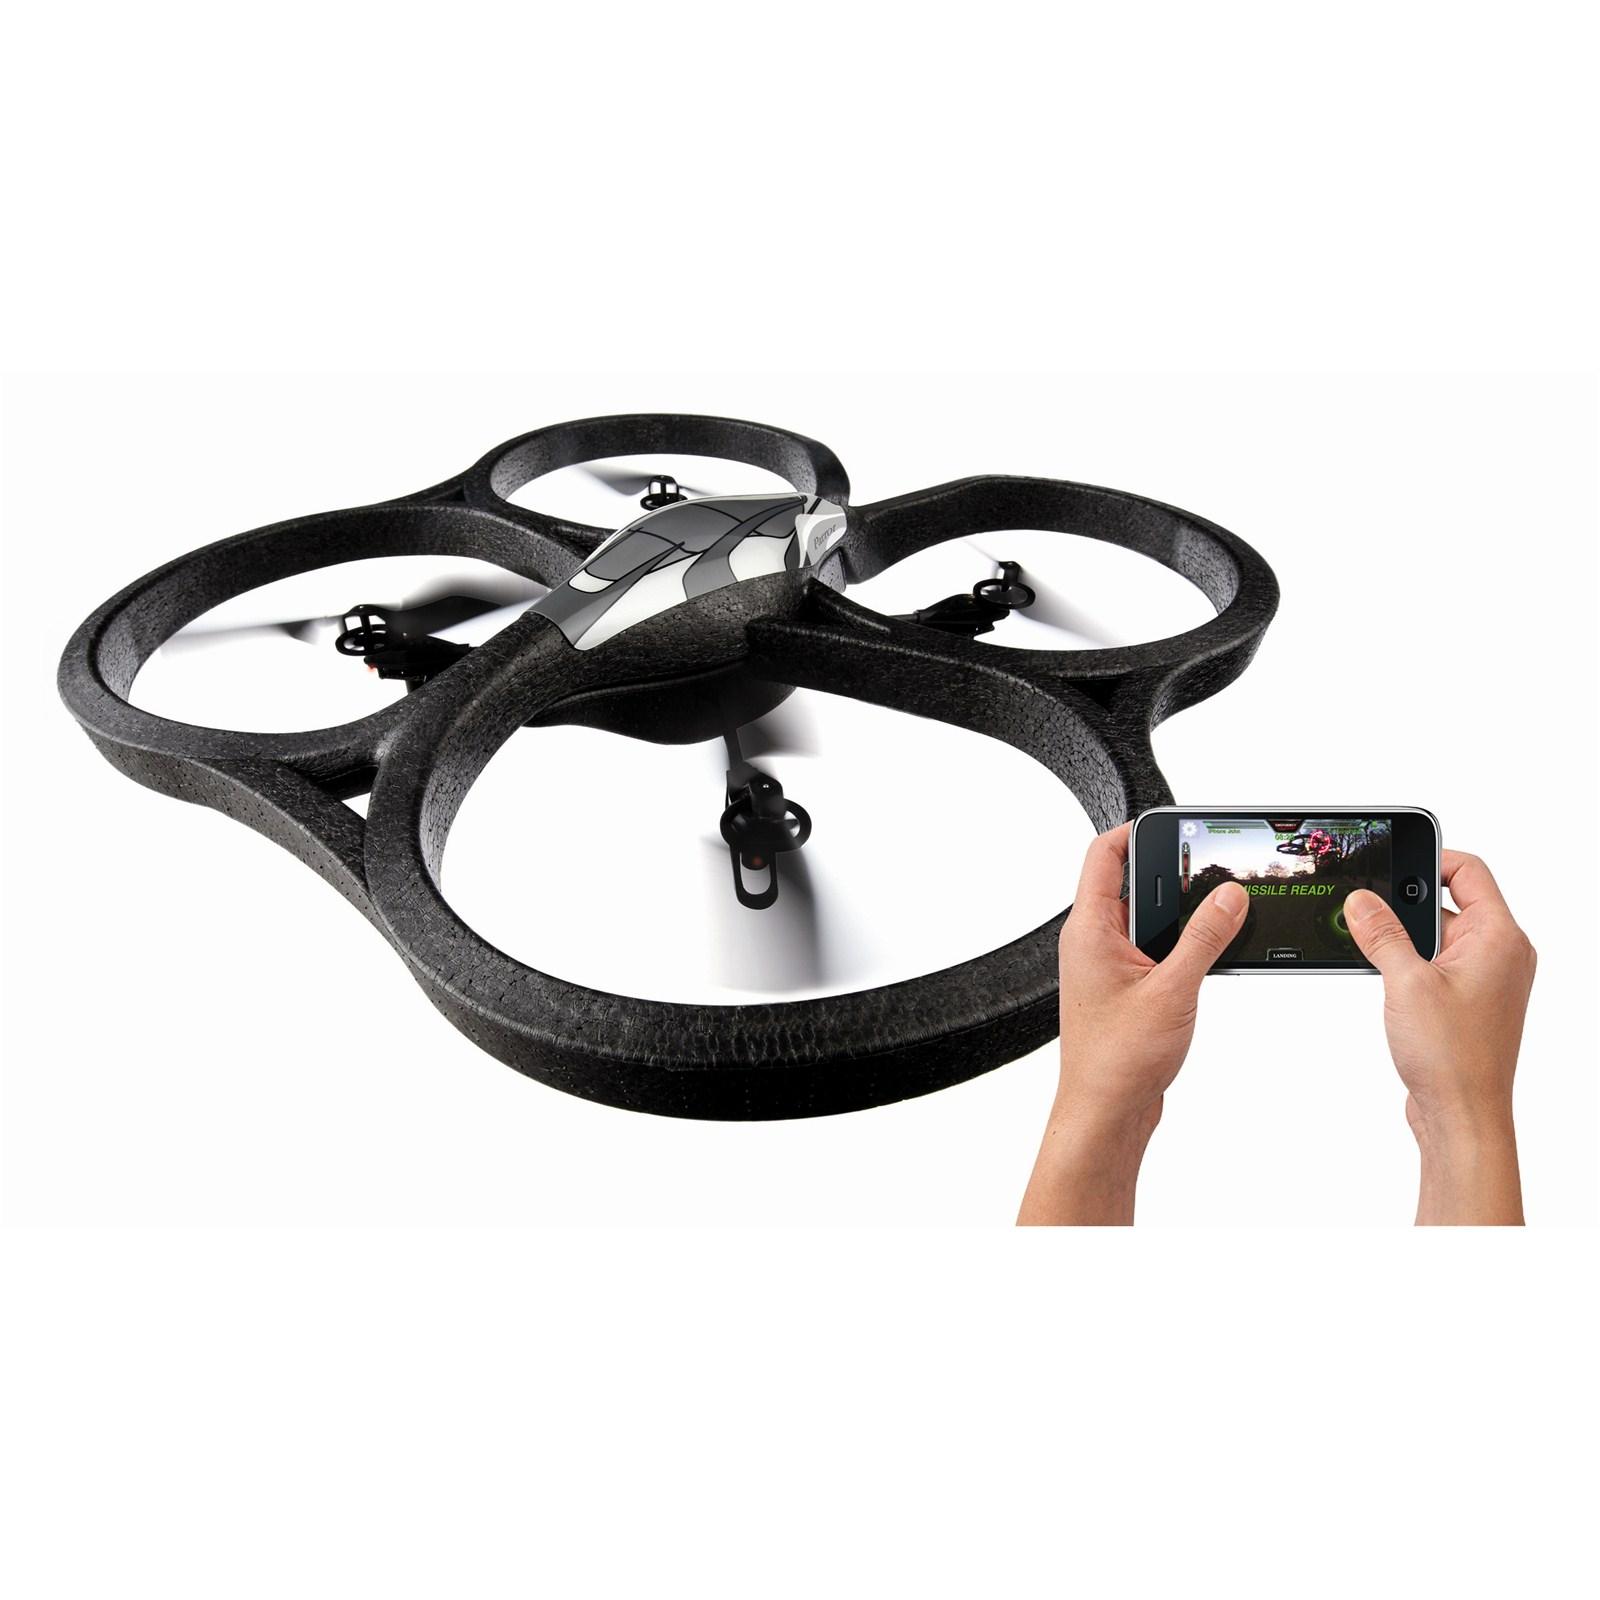 designing drones